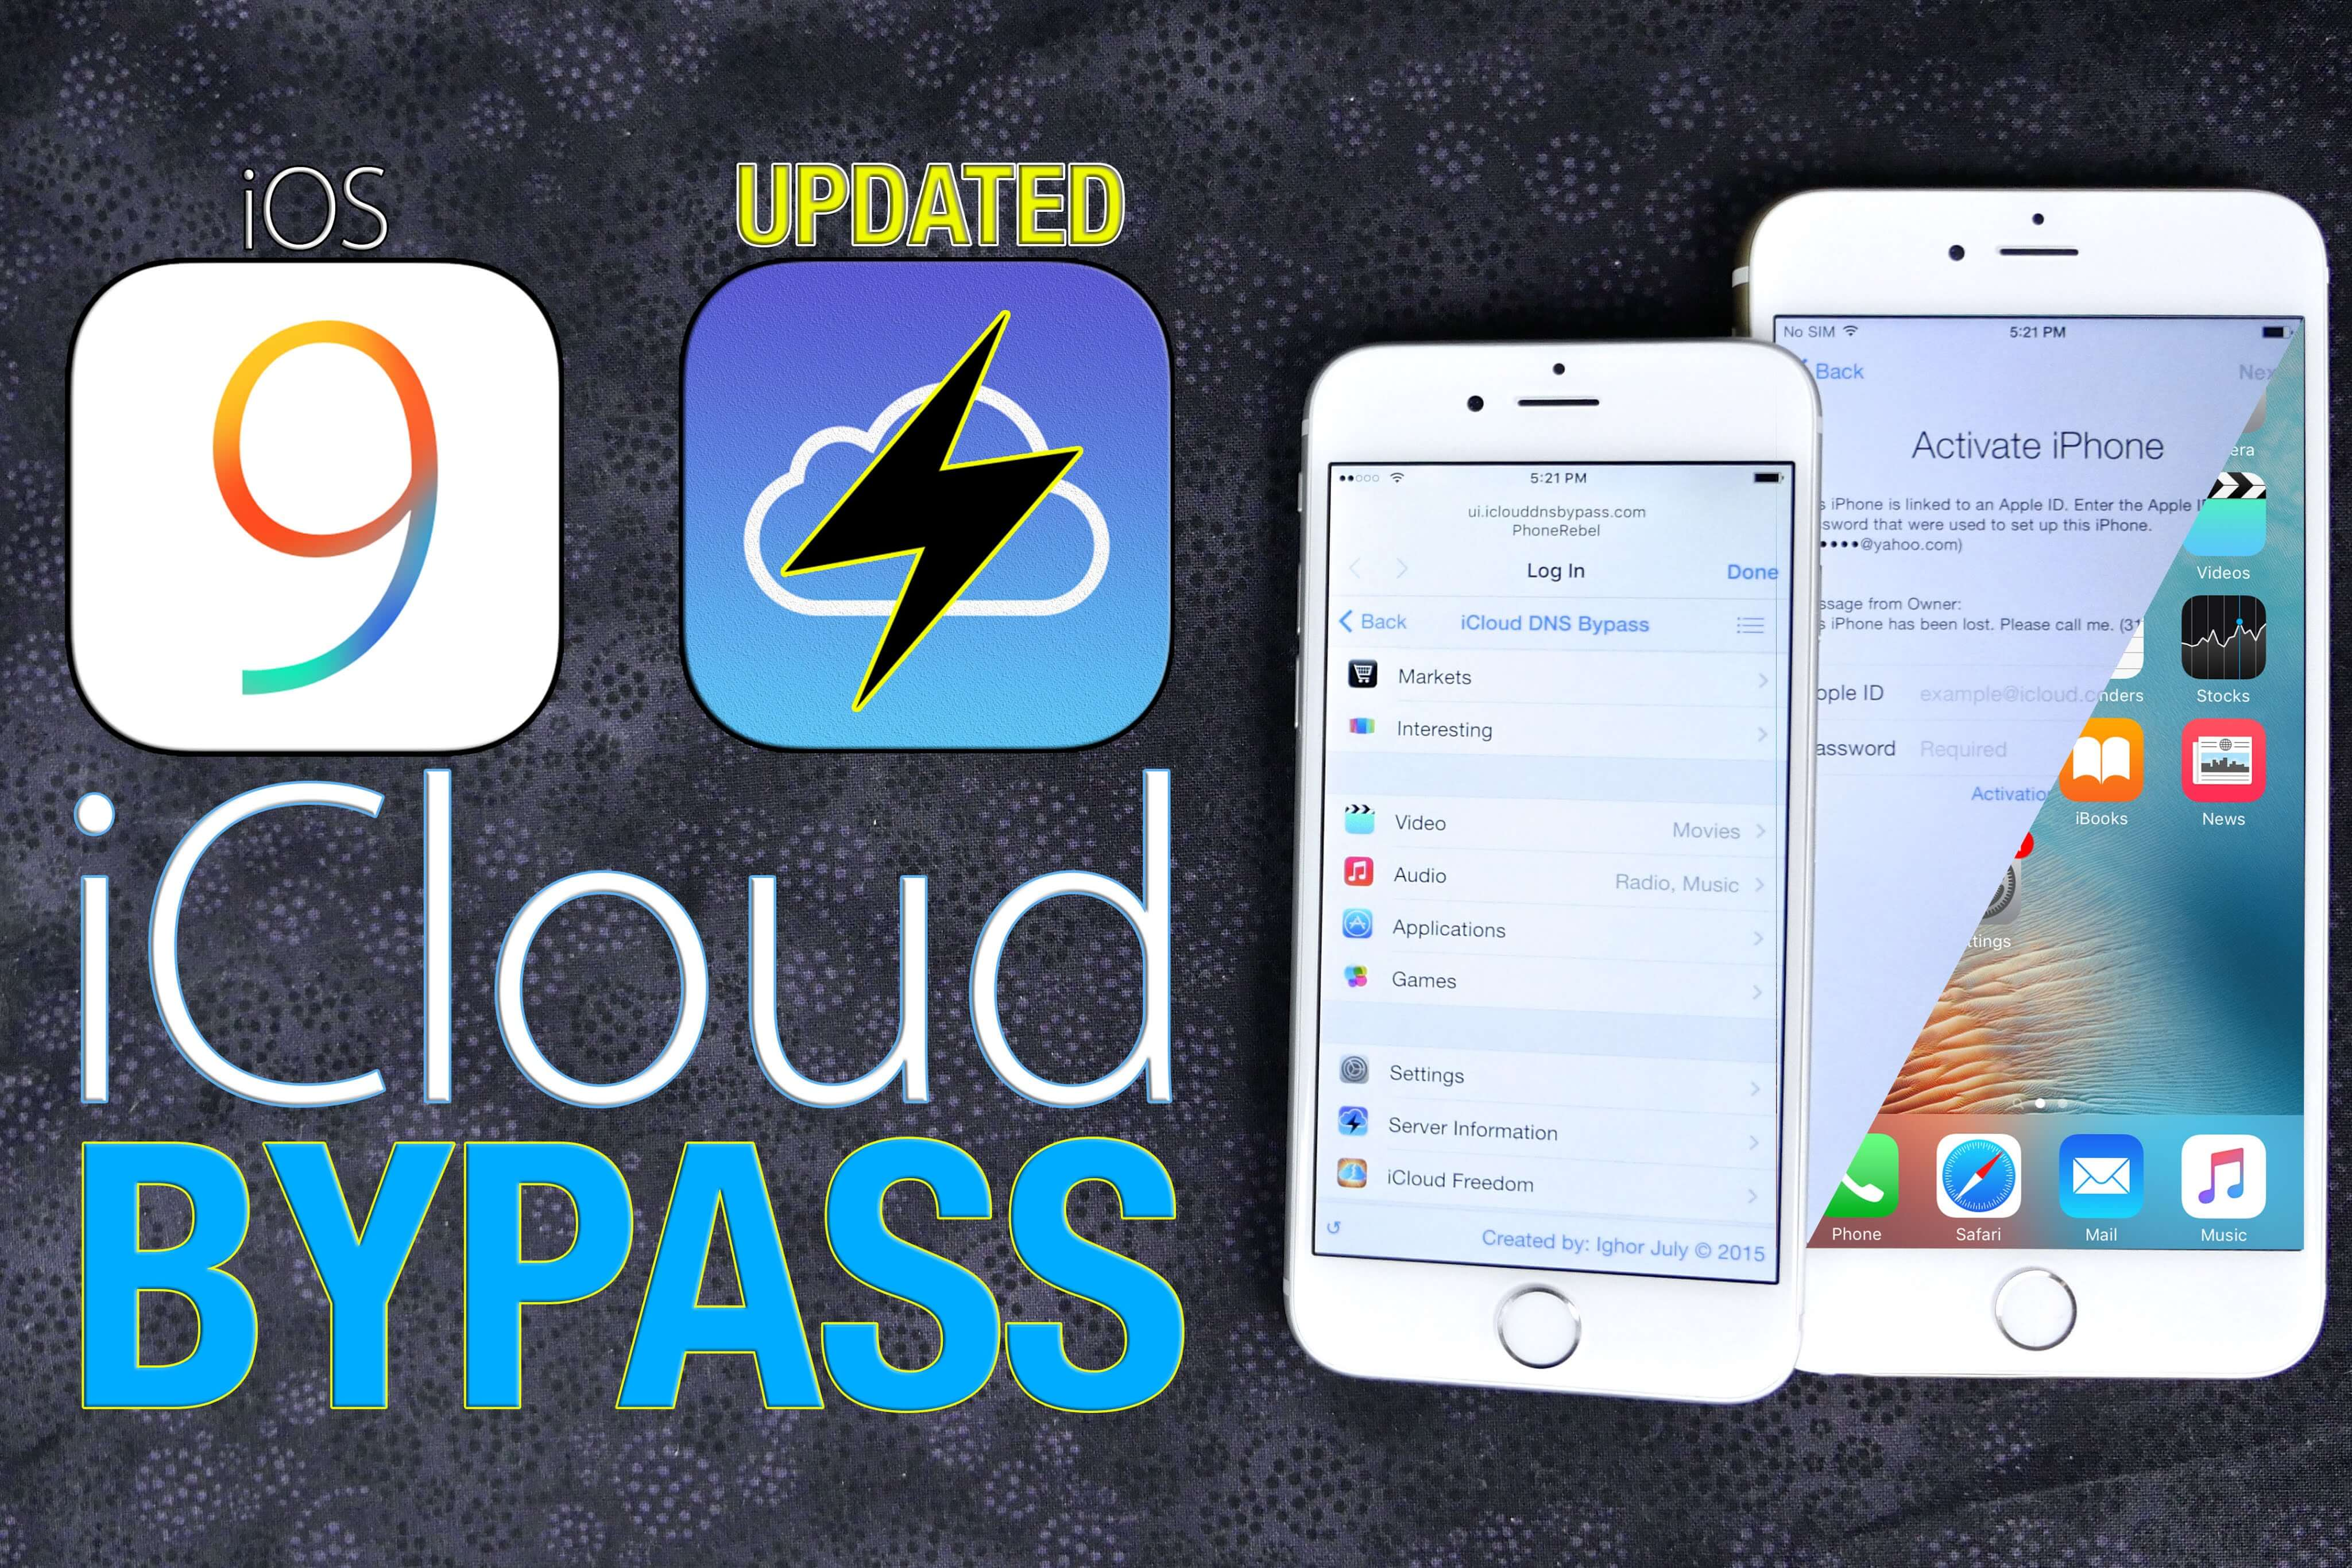 Jak ominąć blokadę iCloud iOS 9.1, 9.2, 9.0.2?